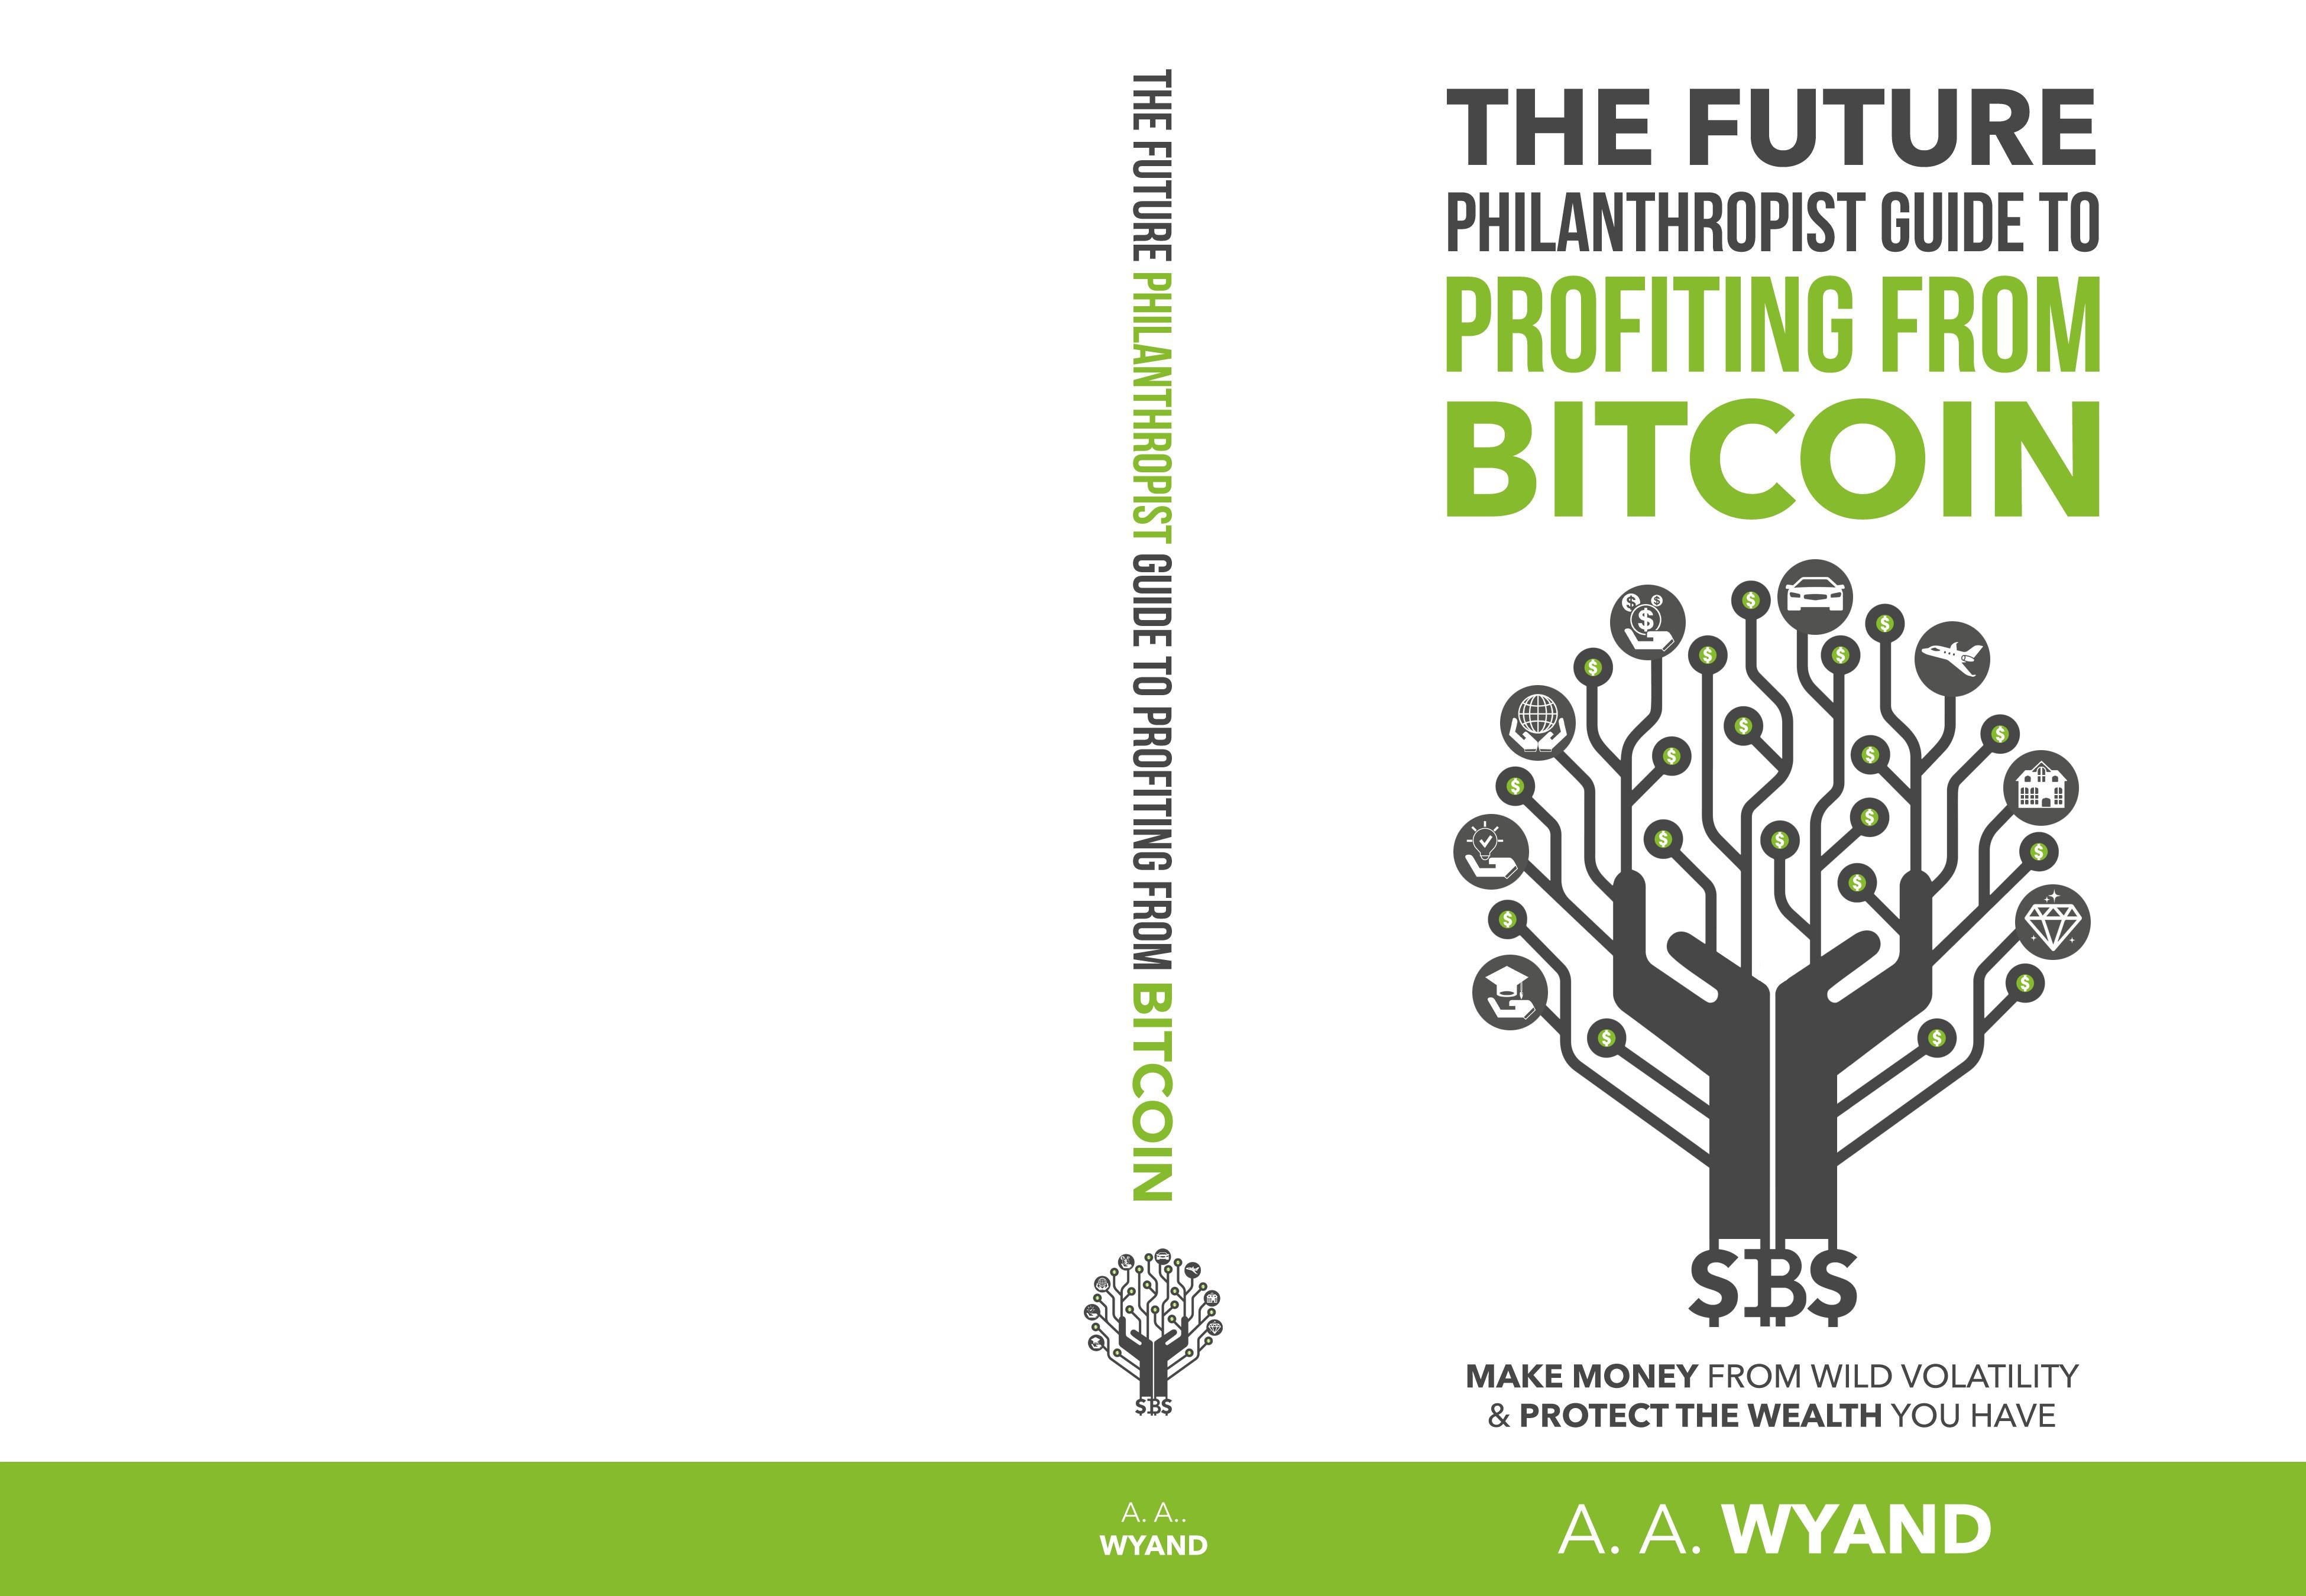 Create Future Philanthropist Bitcoin Guide Book Cover